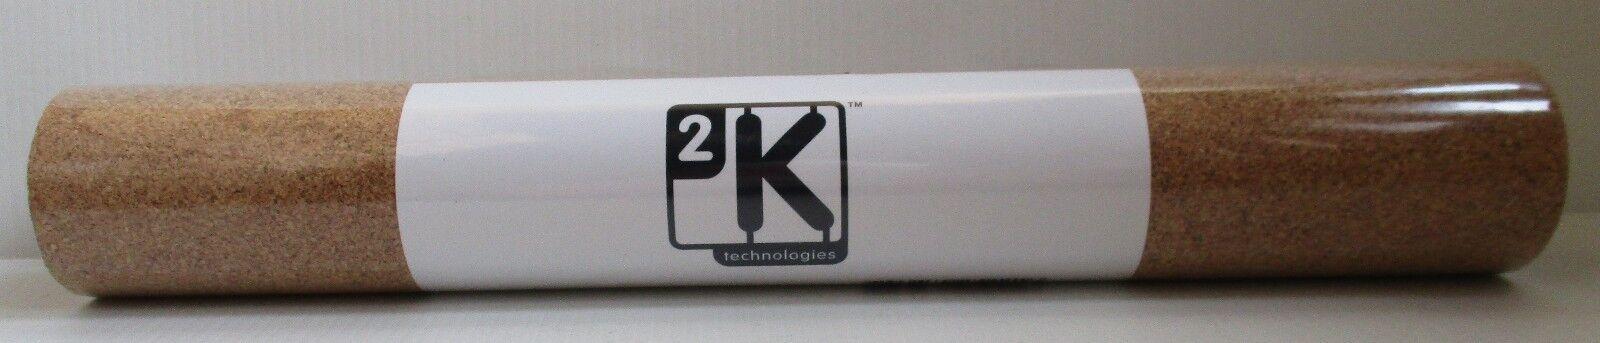 2KCork25s- 2KCork25s- 2KCork25s- 4 X 2.5mm X 915mm X 305mm Haute Qualité Liège Feuille Rouleau Plinthe a4c76a